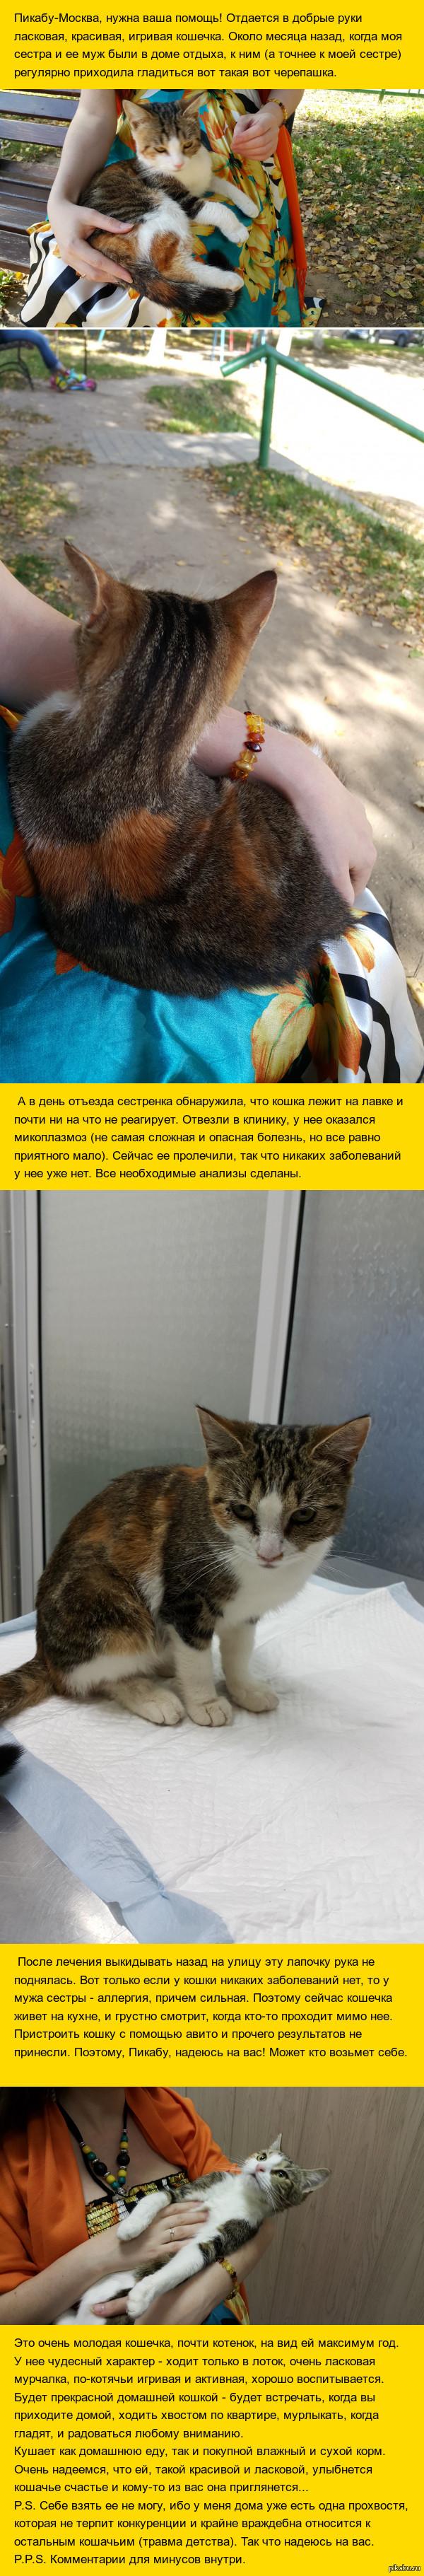 Помогите котейке найти дом! [Москва] История простая: нашли кошку, вылечили, себе оставить не можем. Помогите пристроить, пожалуйста.